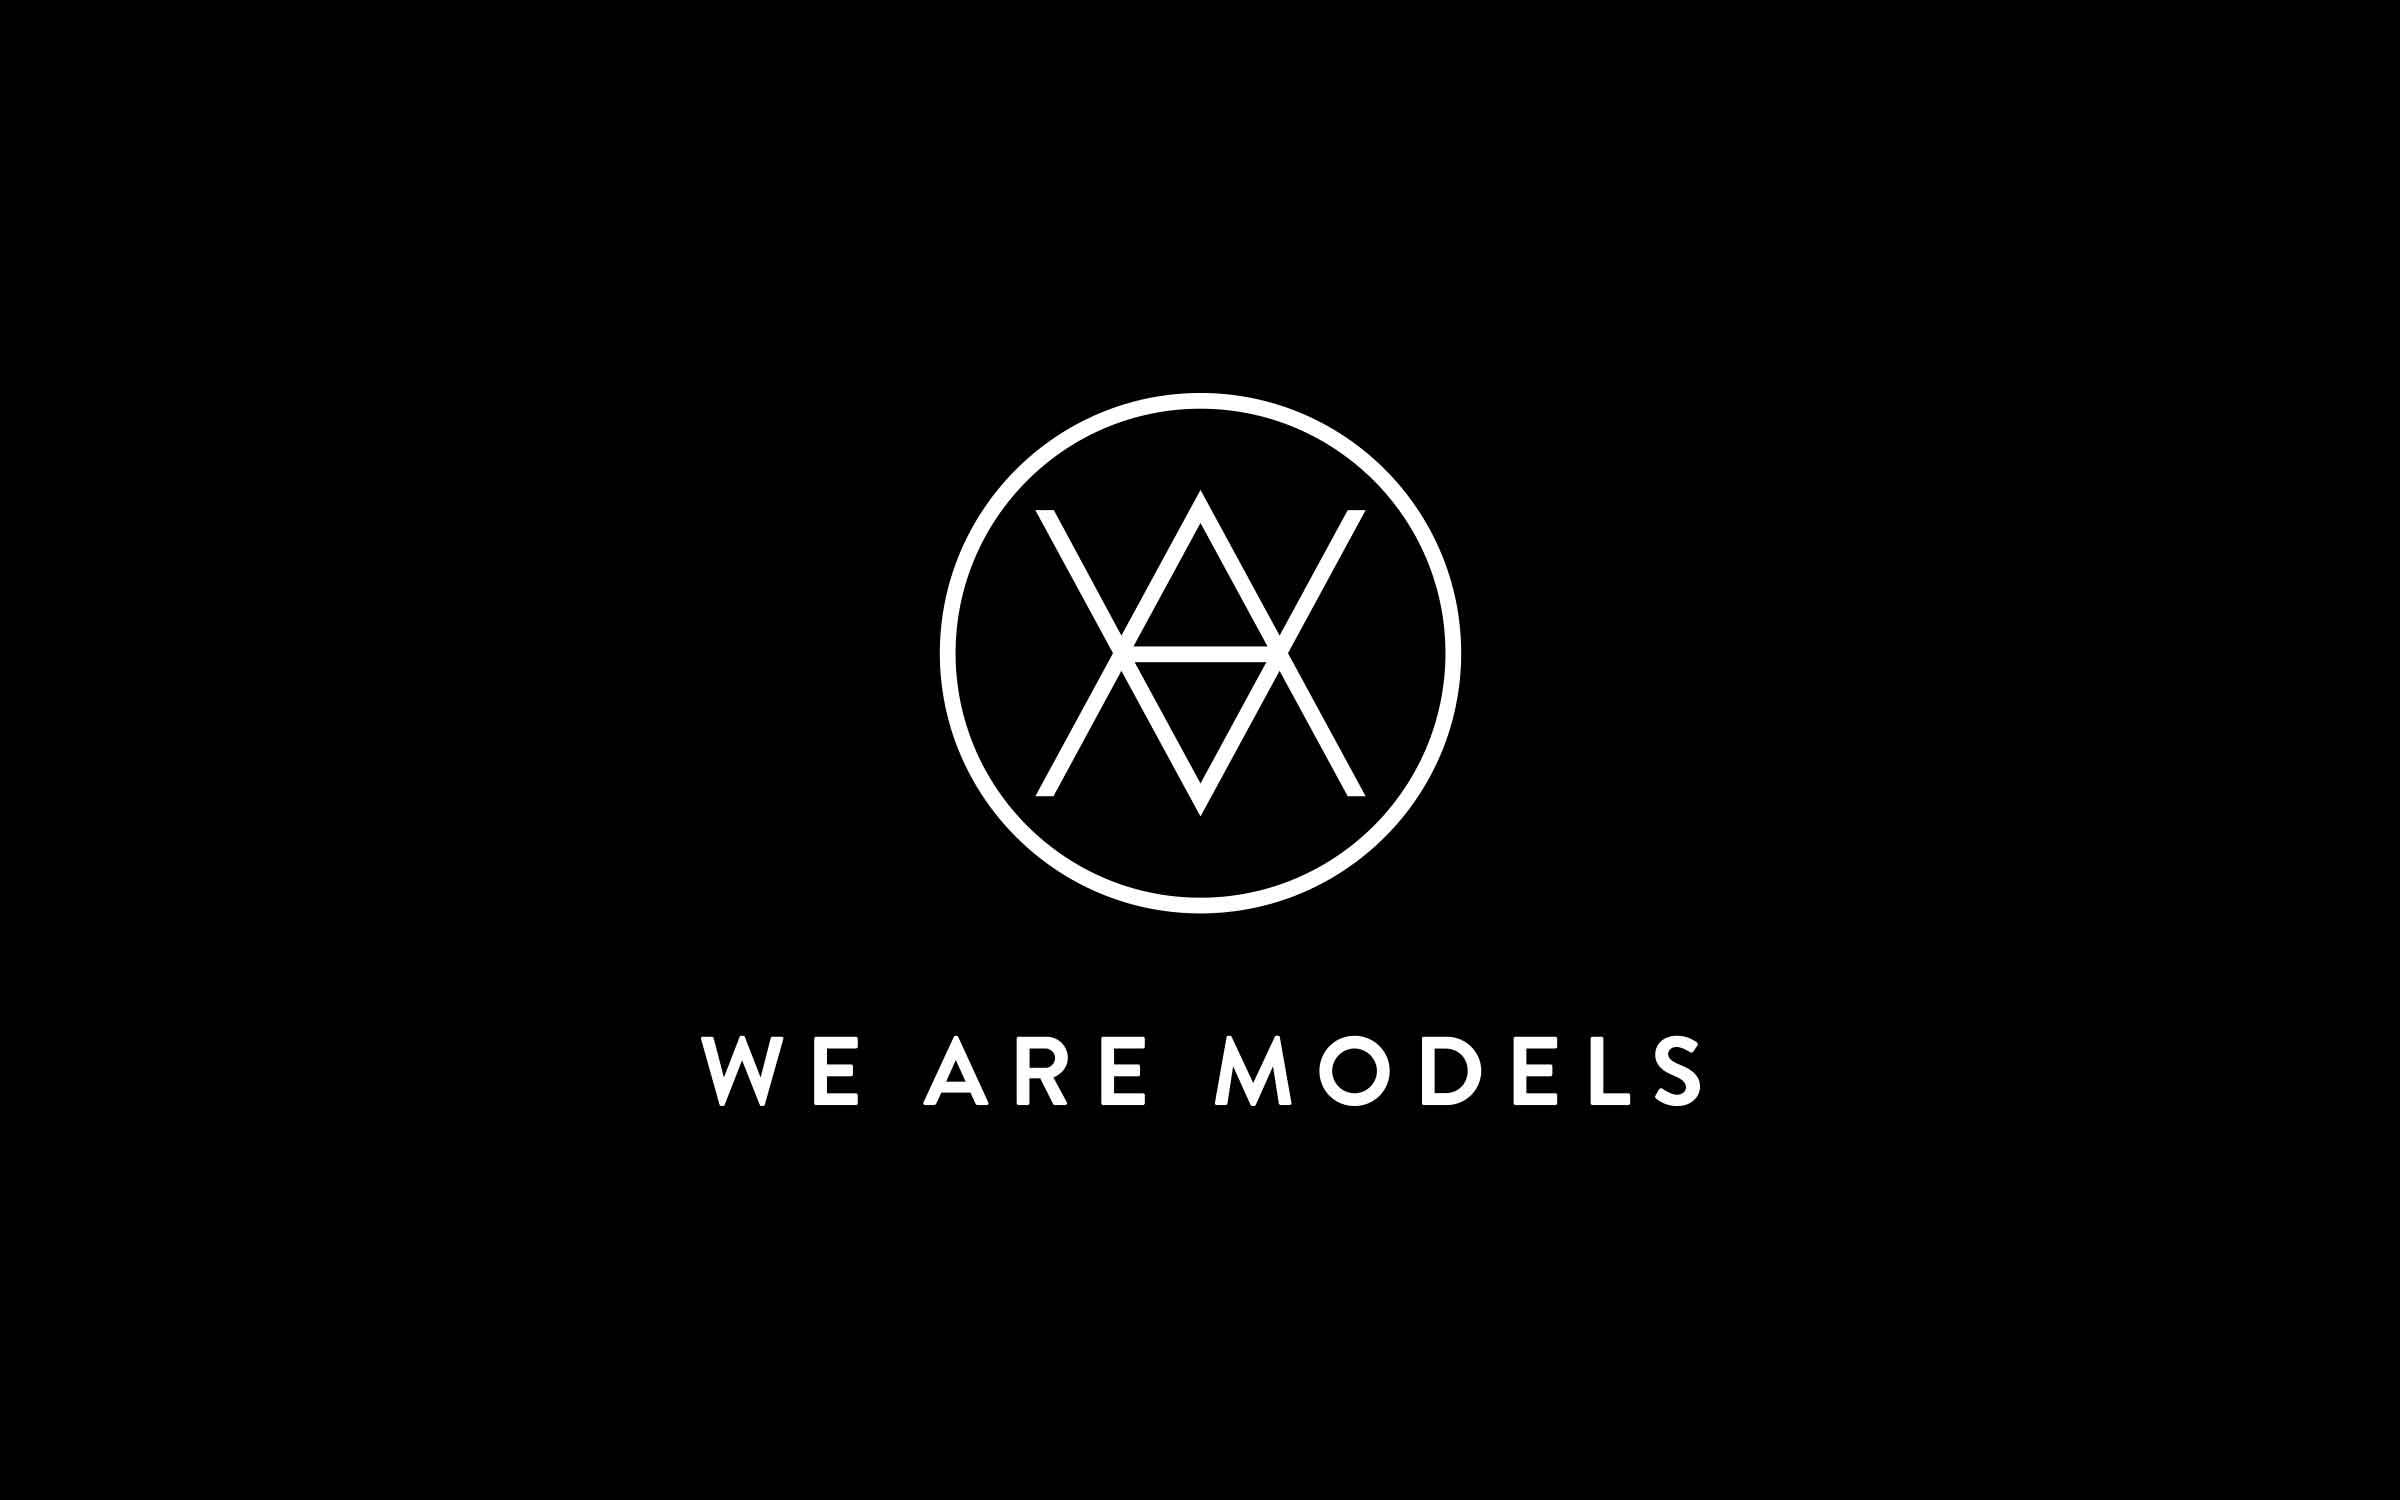 monogram for london based model agency